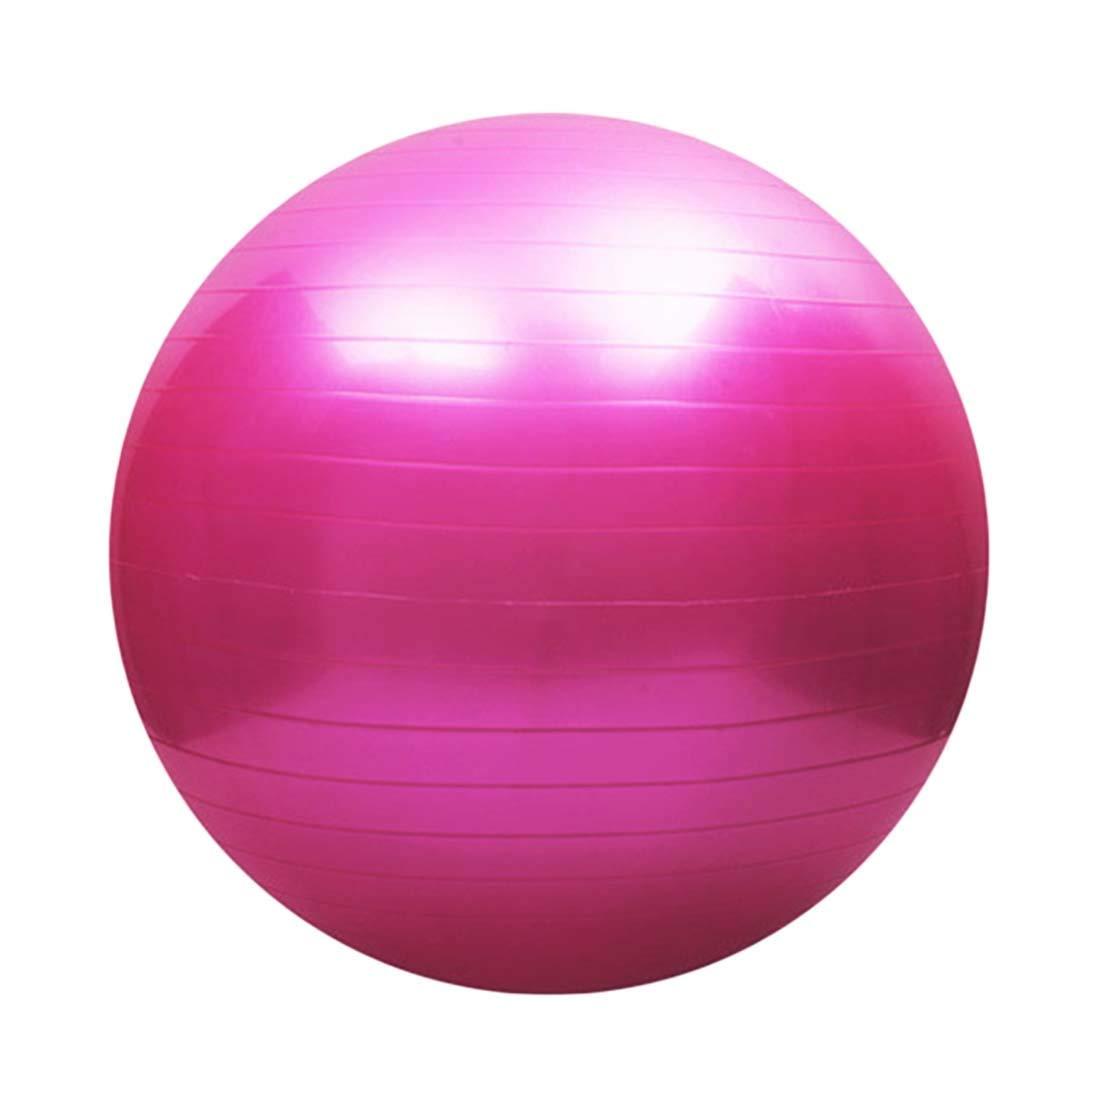 65cm Yoga Fitness Pelota Deportes Yoga Pelotas Fitness Gimnasio ...